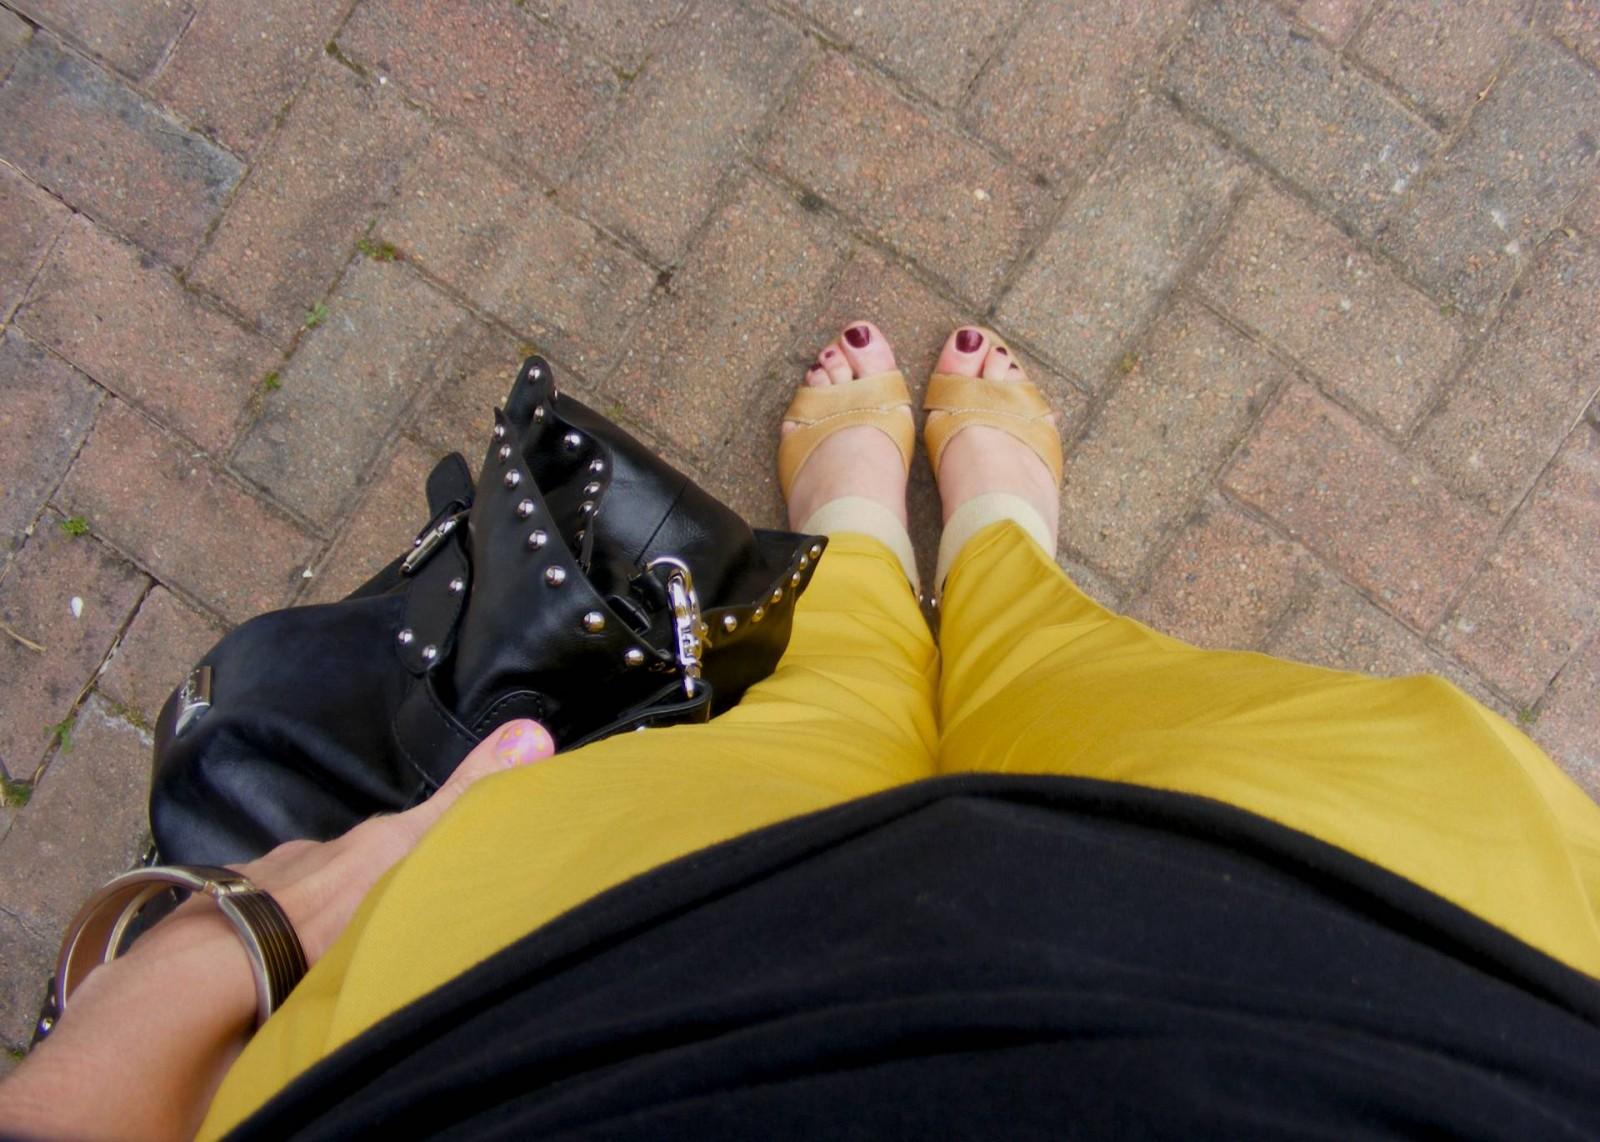 Asos mustard trousers and modalu bag